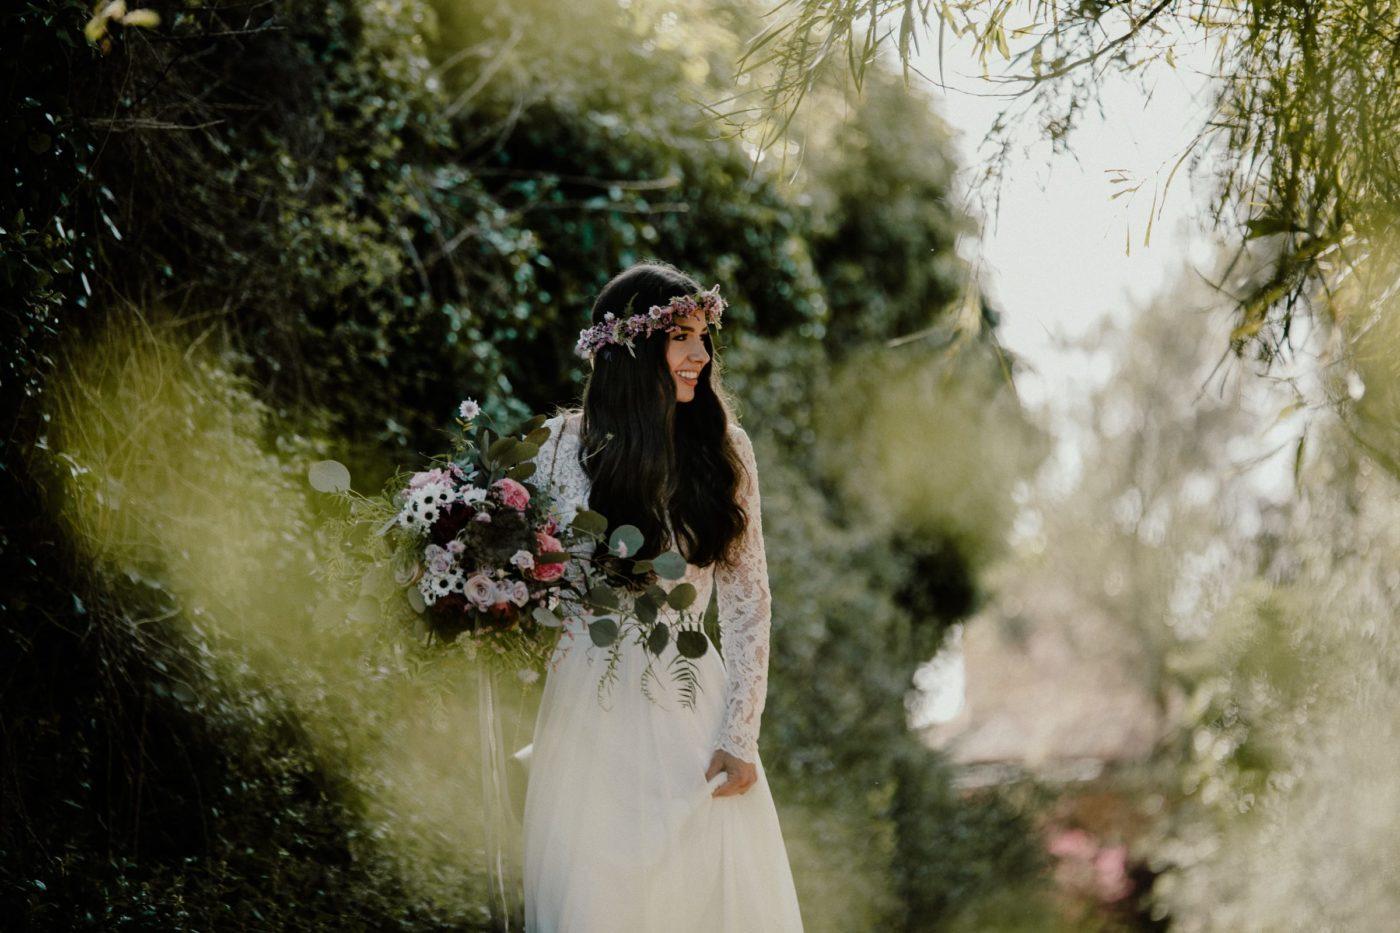 Ein wunderschönes Foto von der Braut auf dem Weg zur Zeremonie.